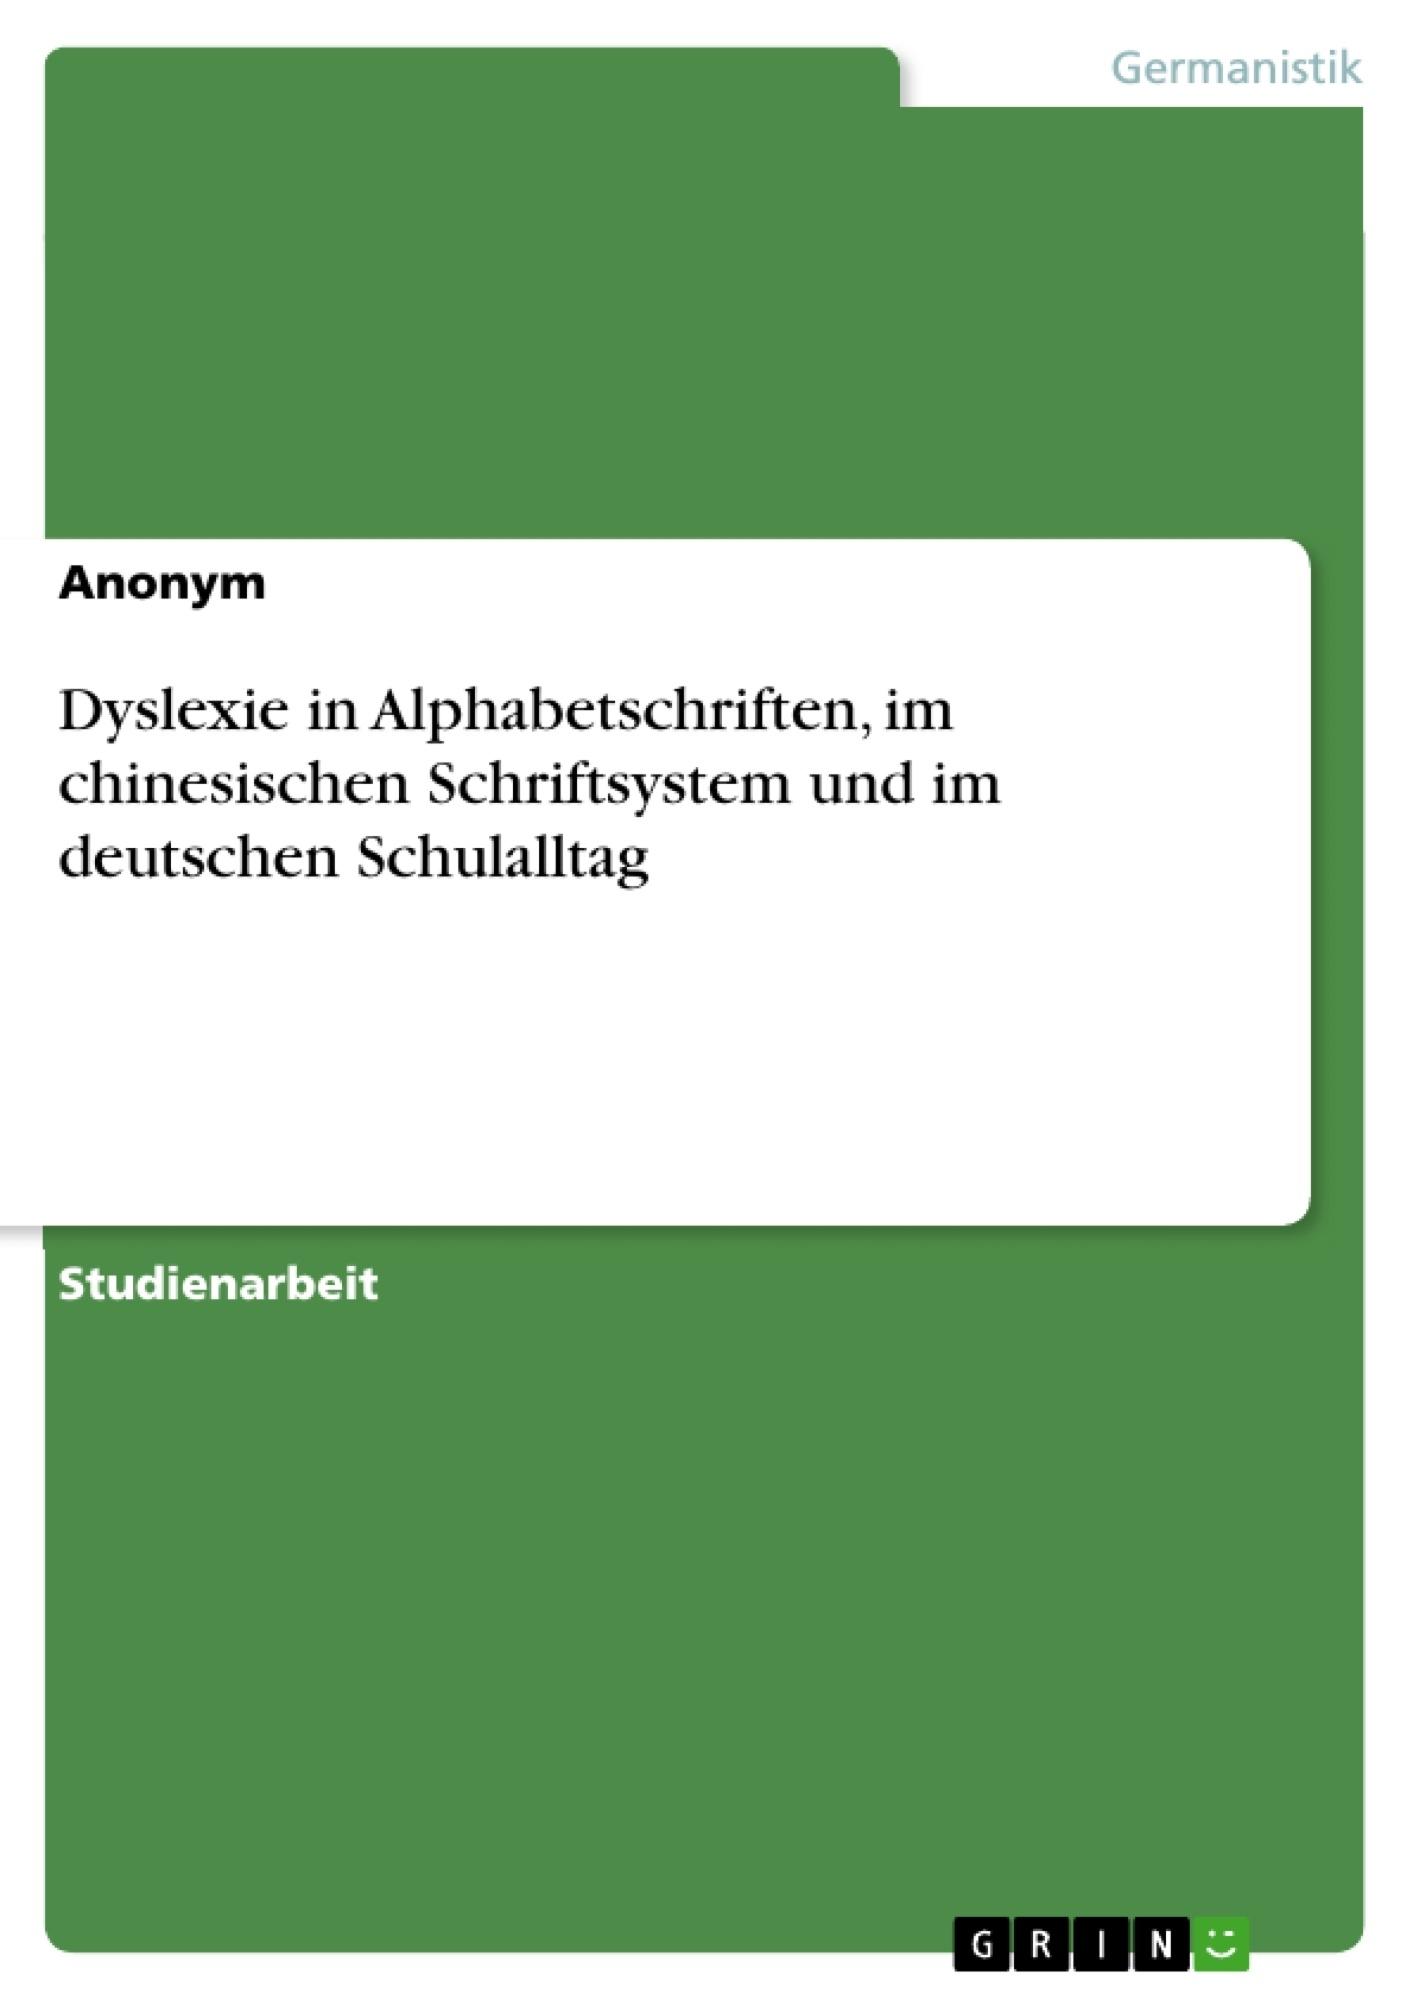 Titel: Dyslexie in Alphabetschriften, im chinesischen Schriftsystem und im deutschen Schulalltag